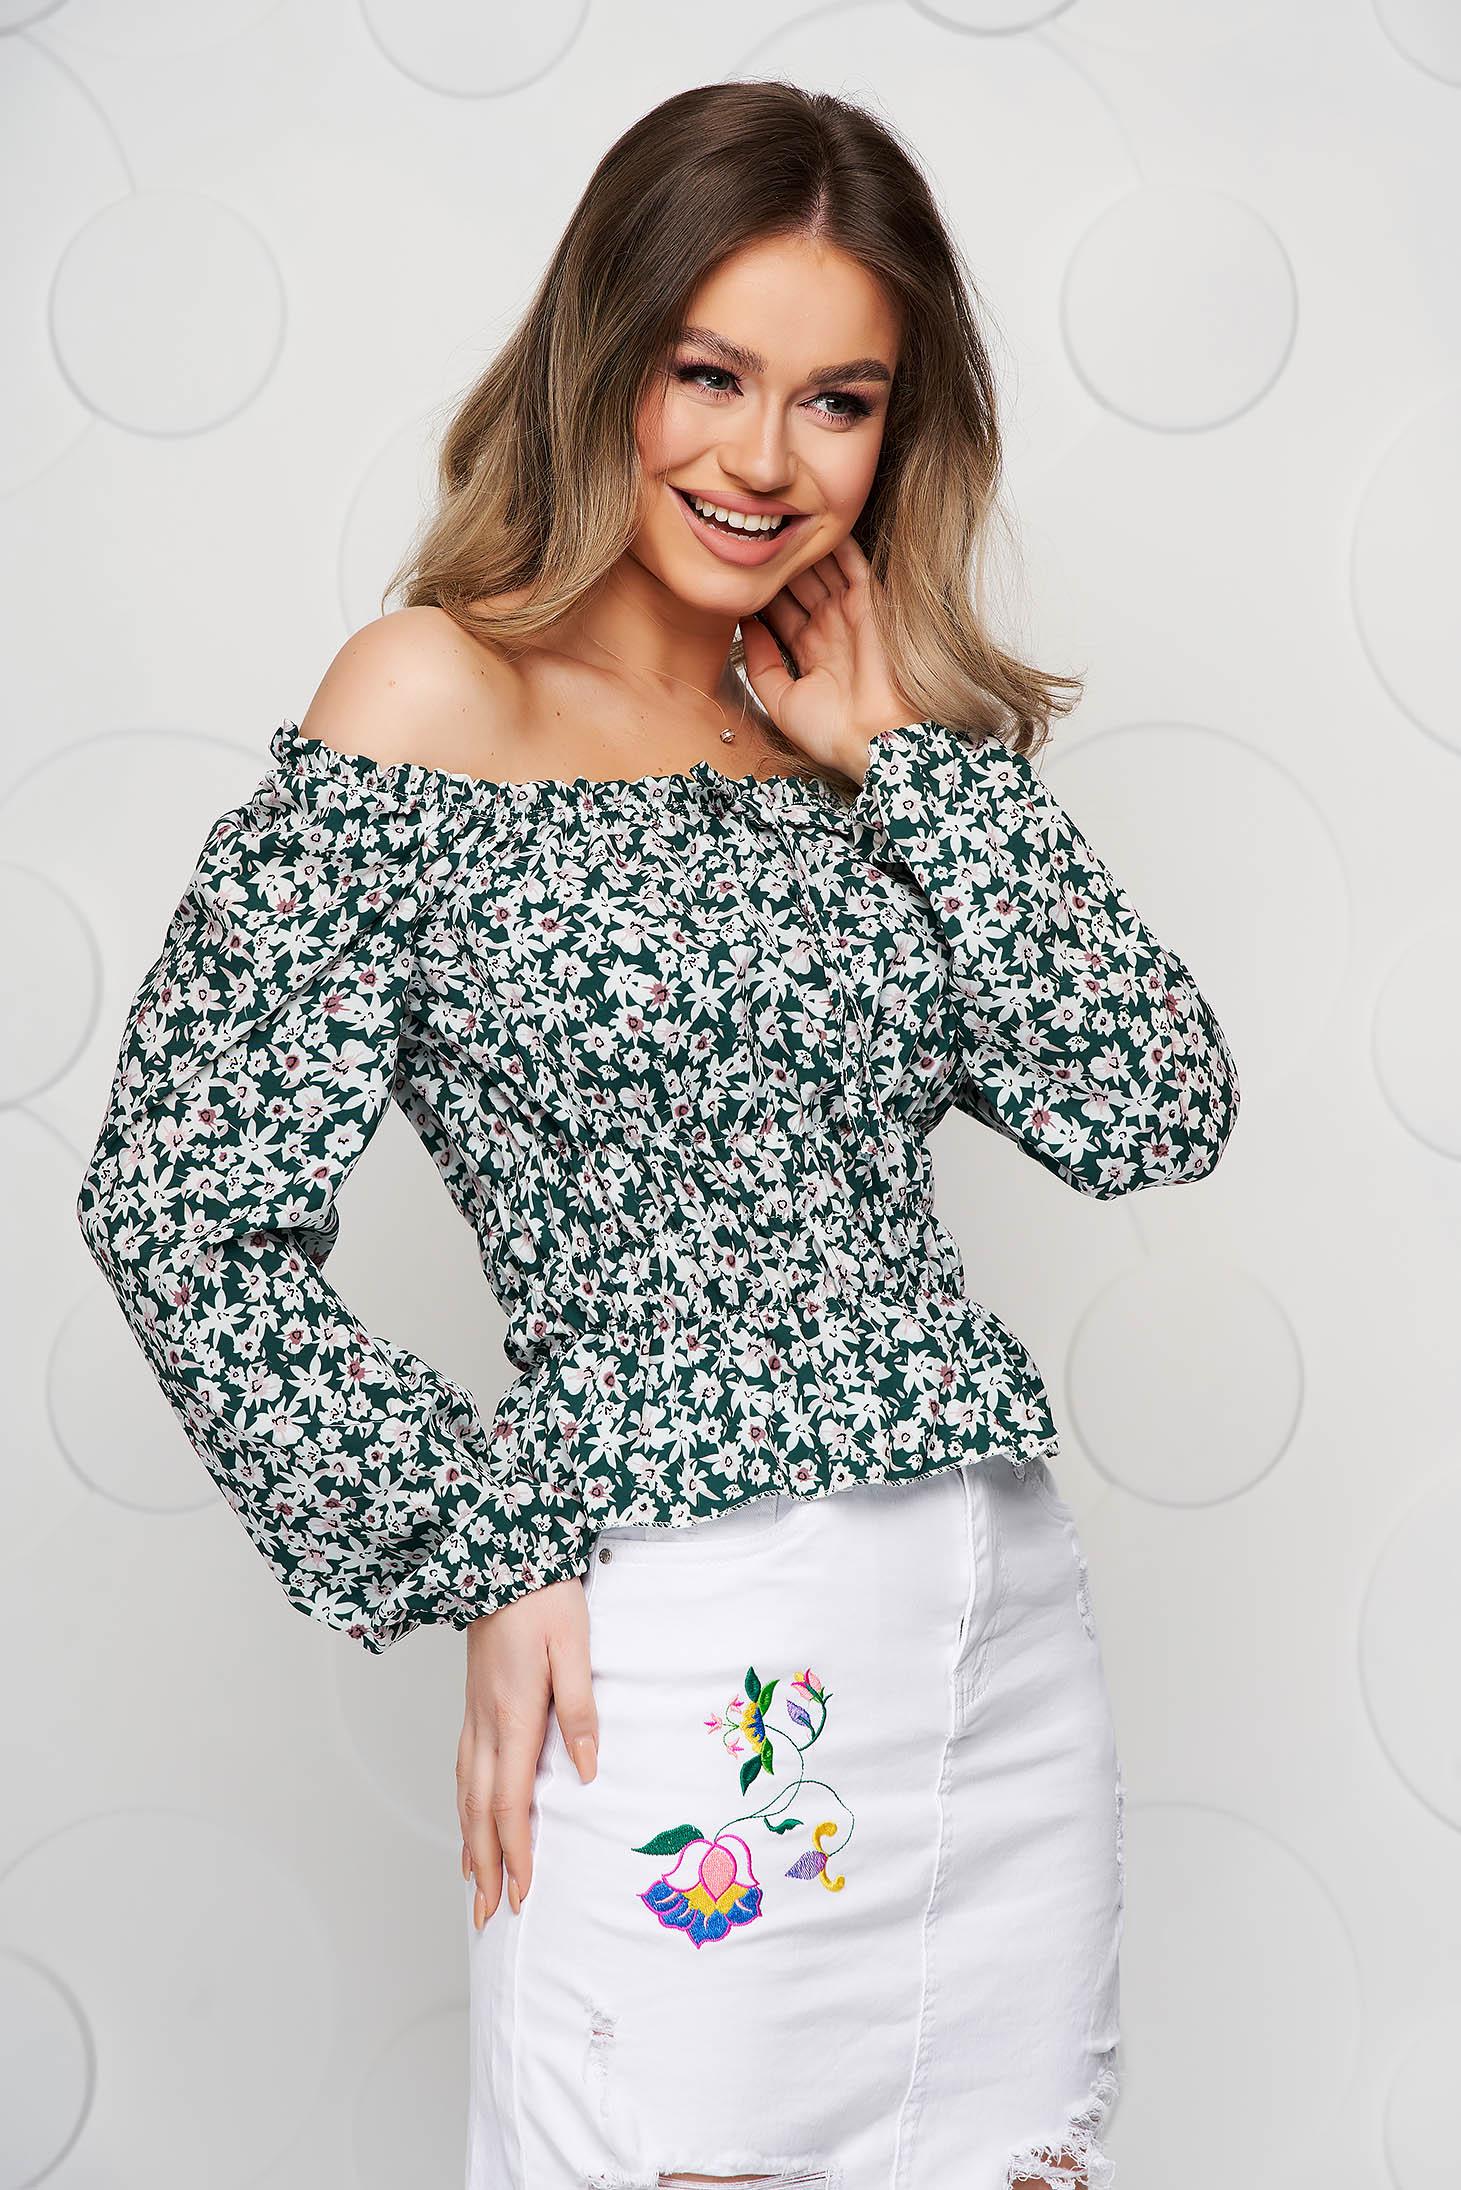 Zöld gumírozott derekú virágmintás női blúz muszlinból a dekoltázsnál rugalmas